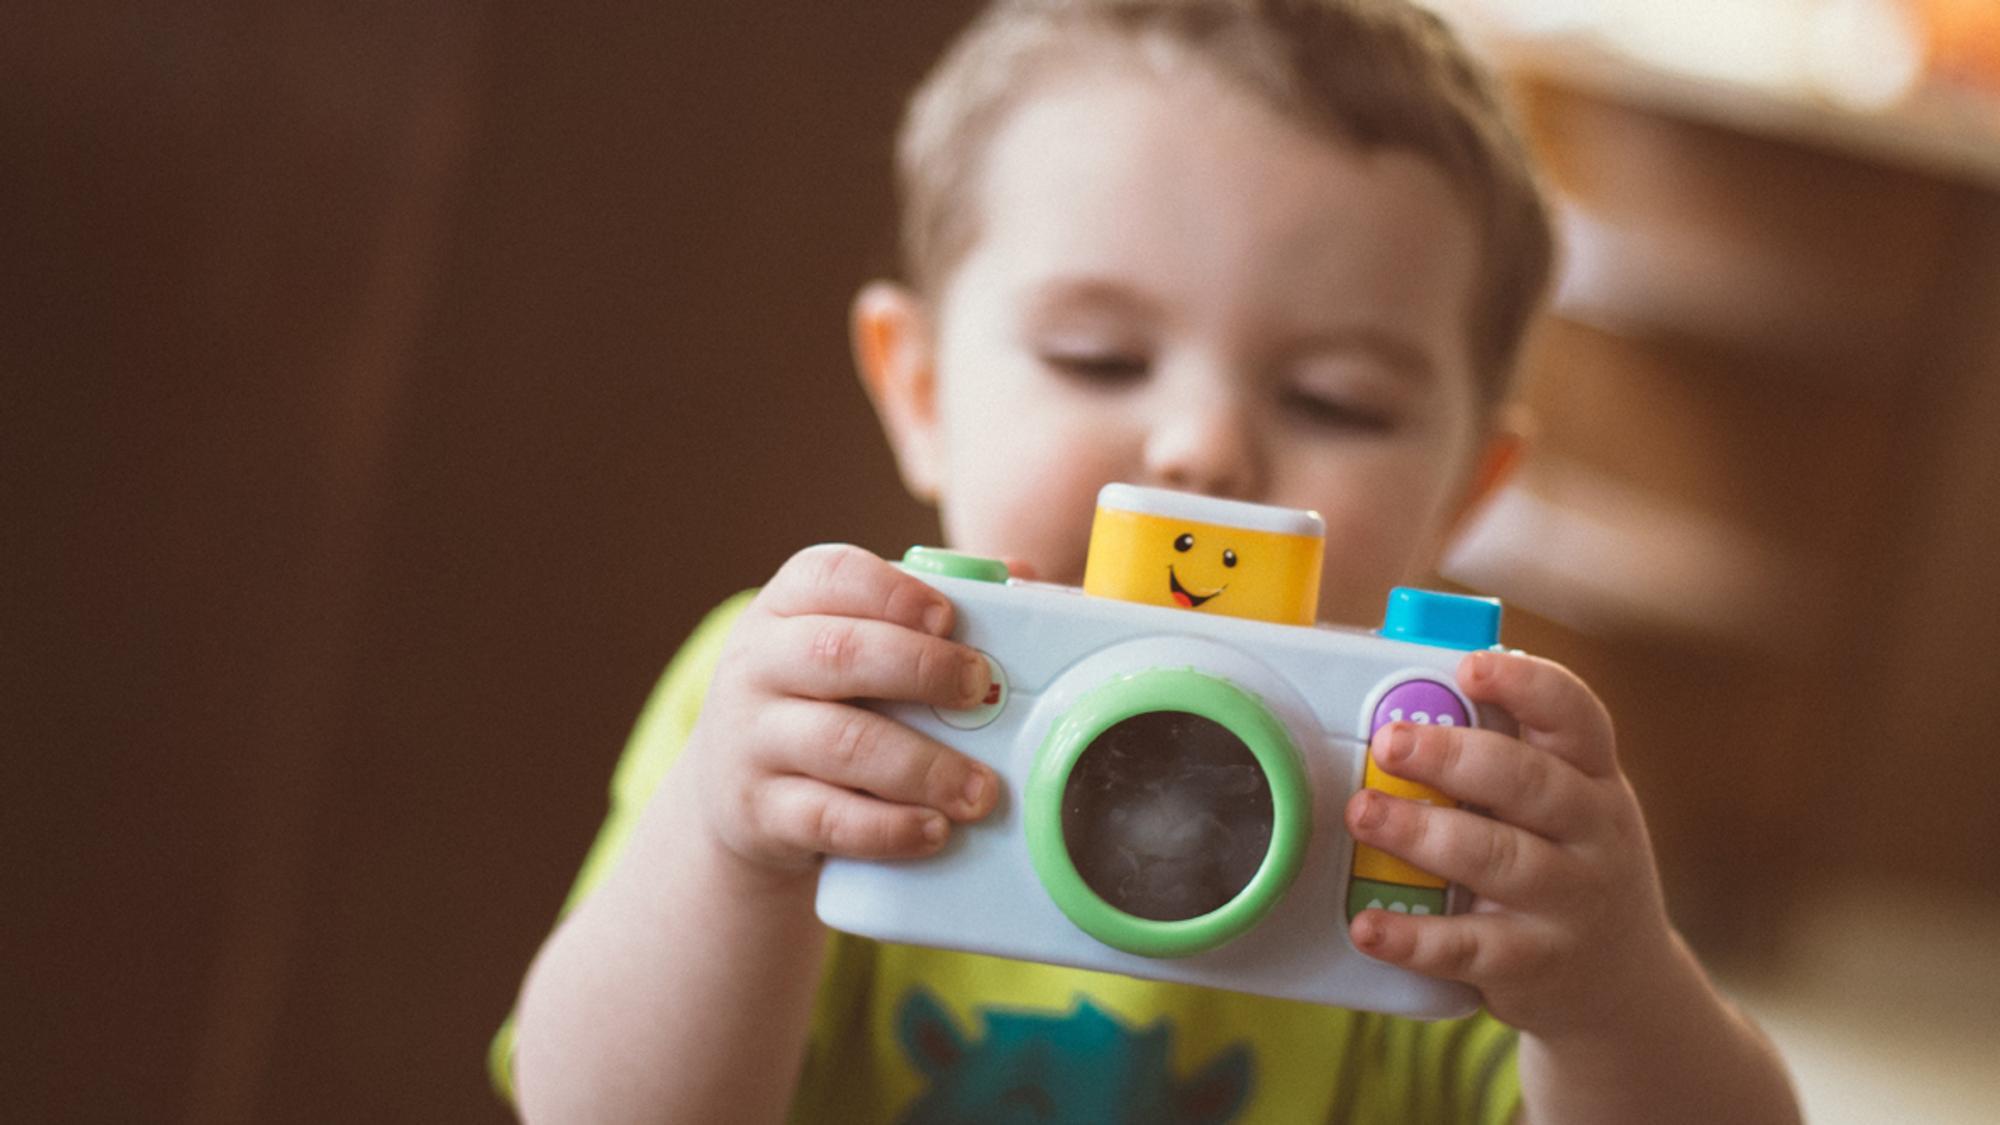 Kleinkind mit Spielzeugfoto